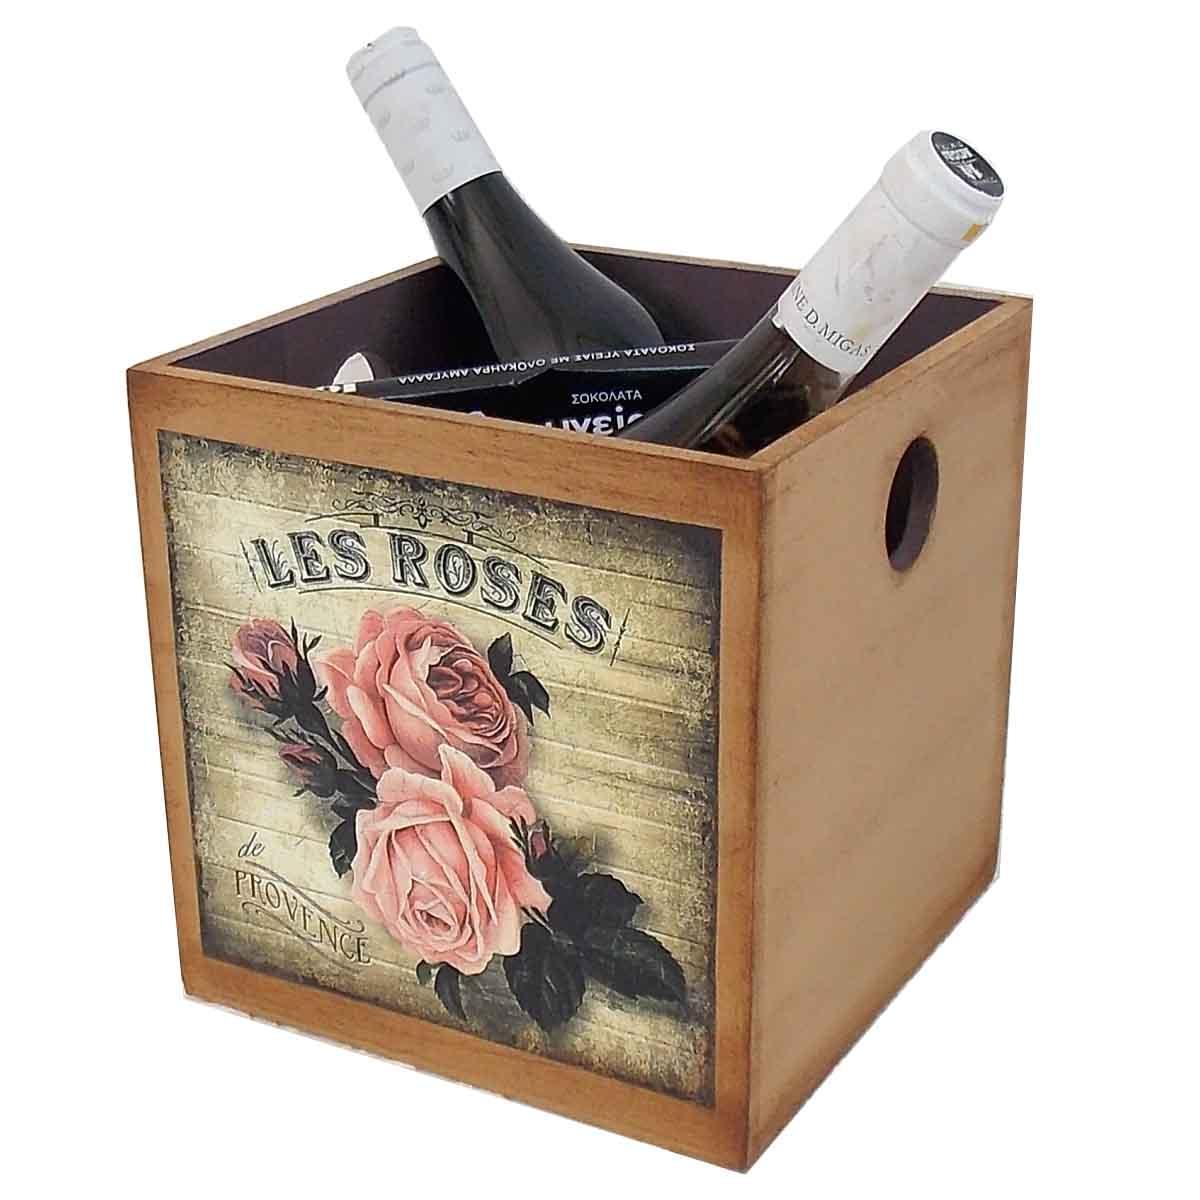 ξυλινο κουτι με τριανταφυλλα